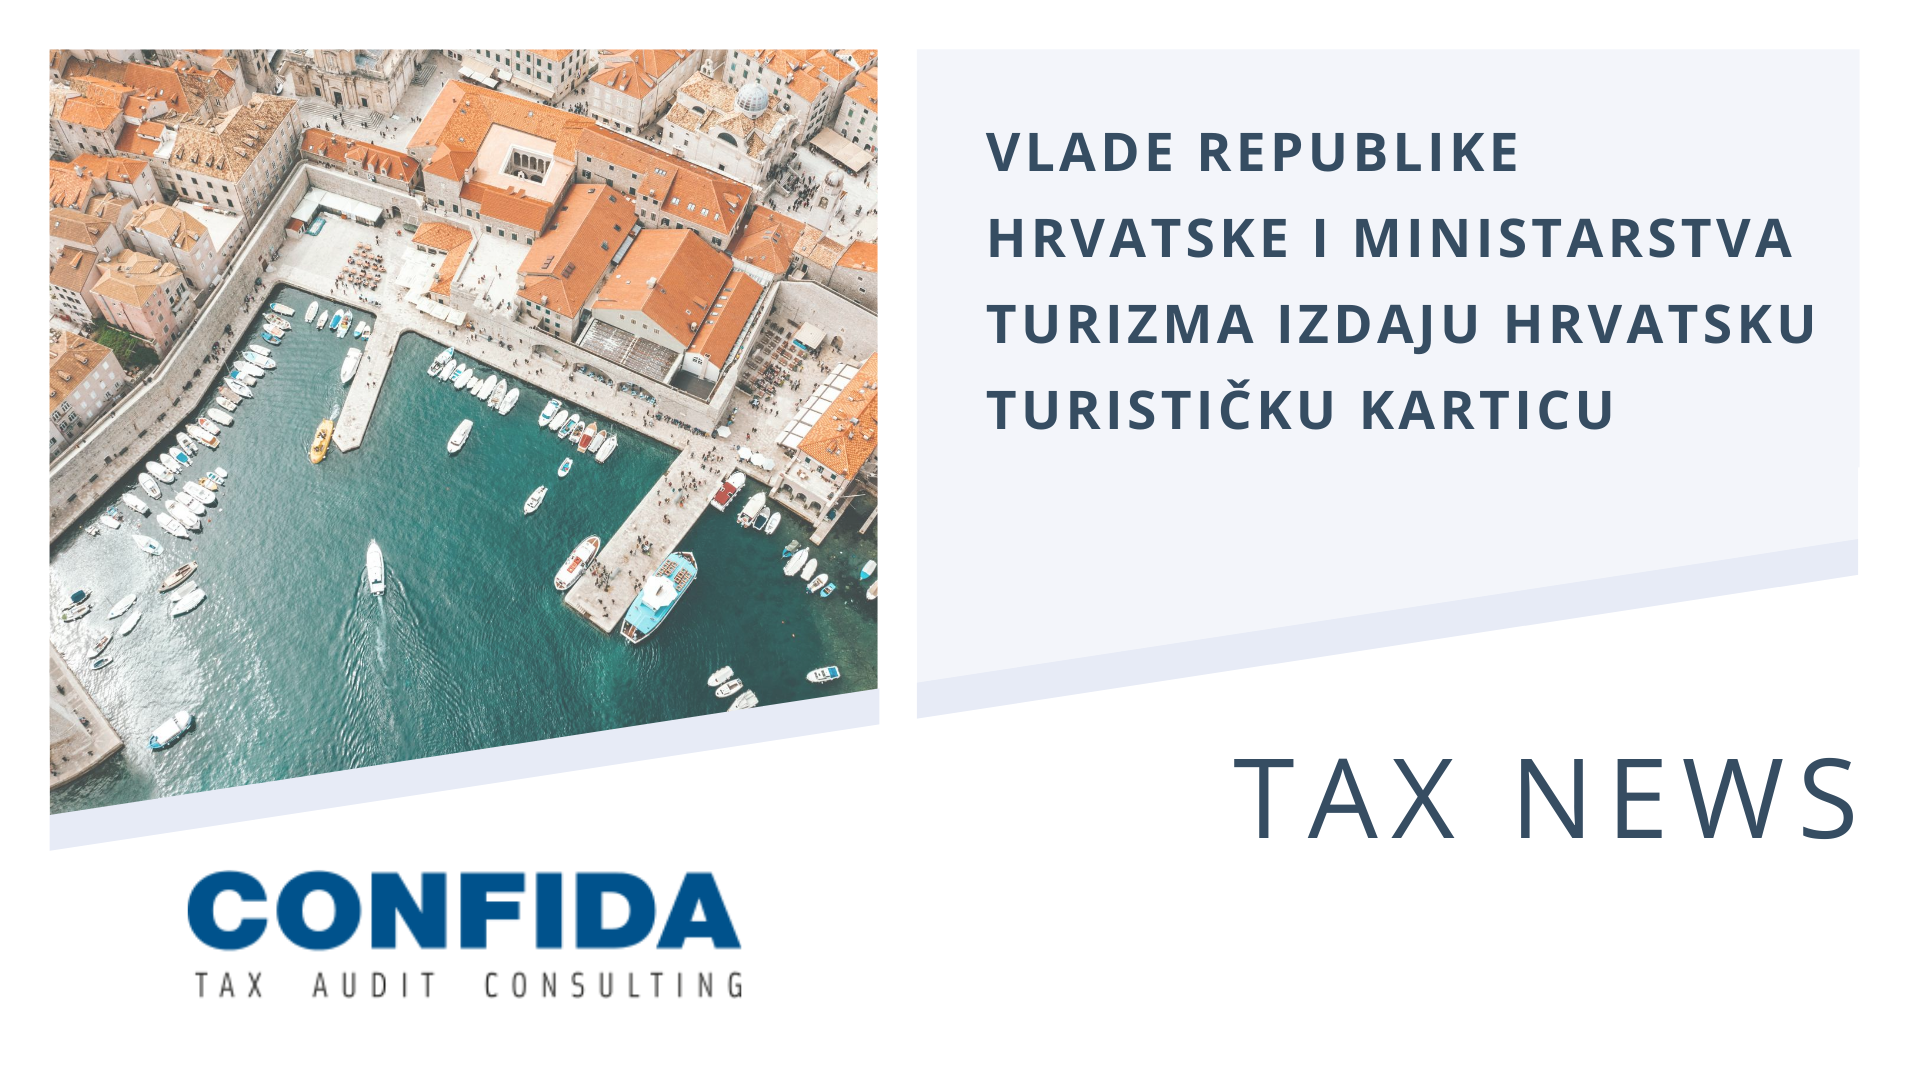 Vlade Republike Hrvatske i Ministarstva turizma izdaju hrvatsku turističku karticu